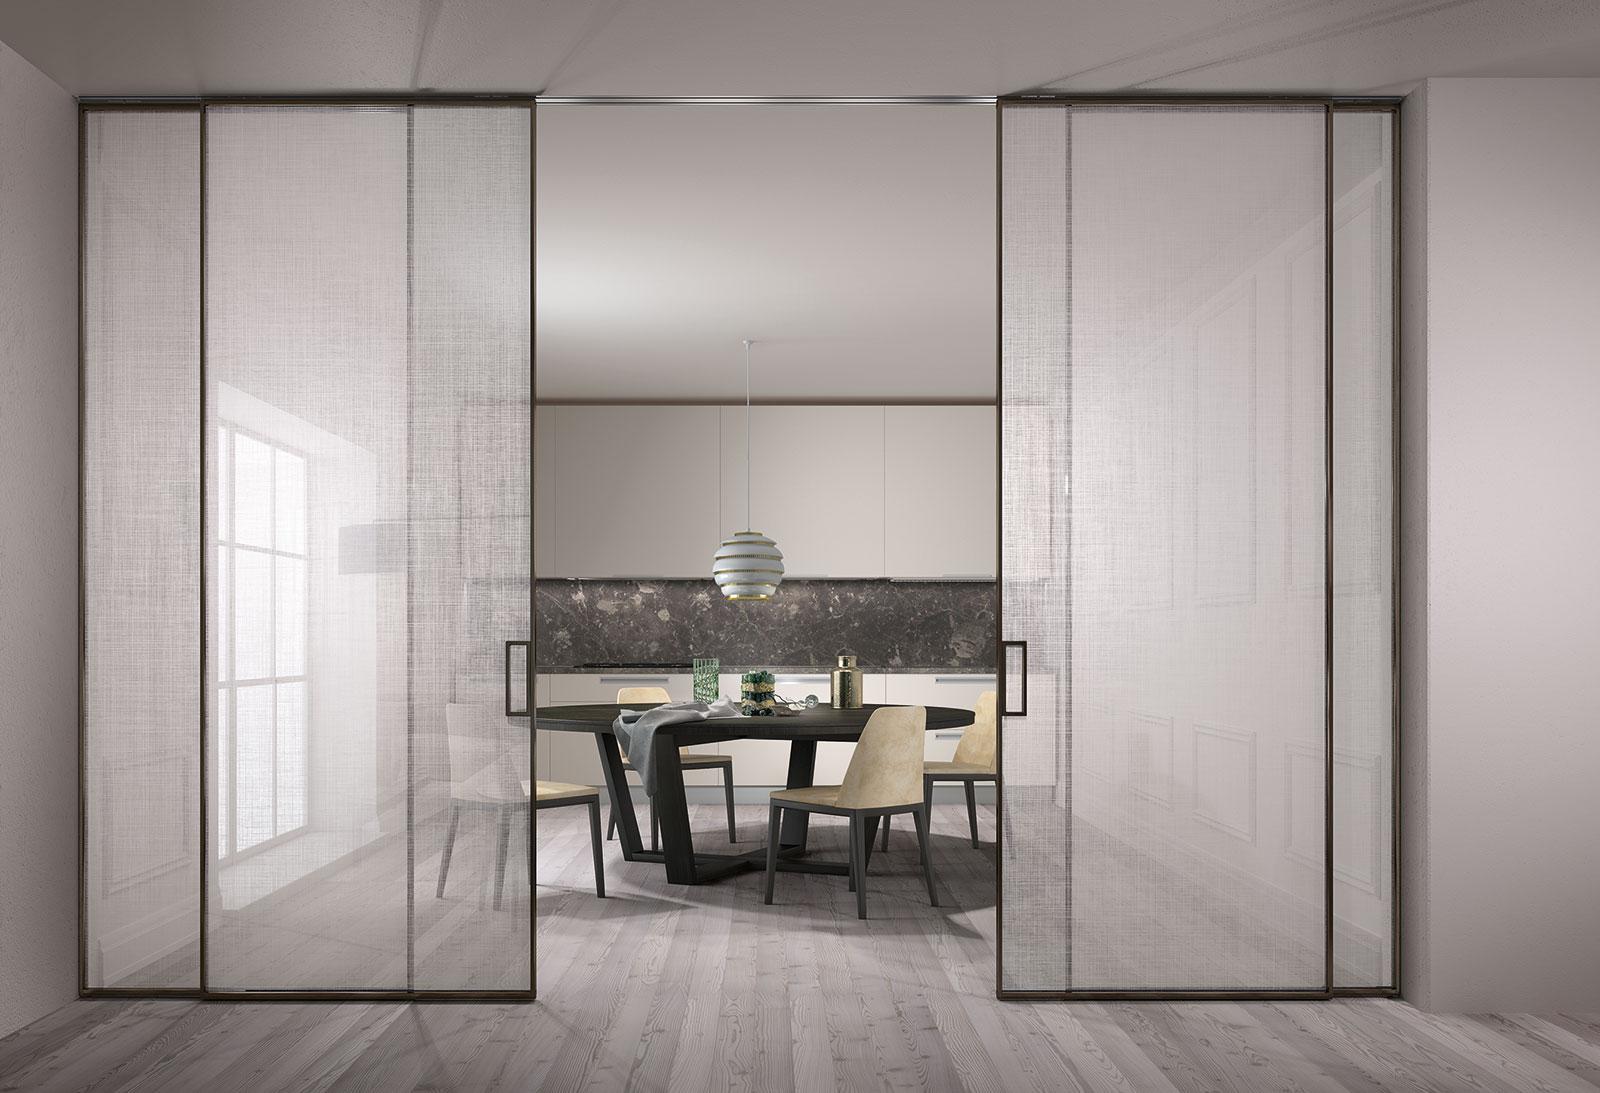 Casa classica henry glass for Maniglie porte interne ikea